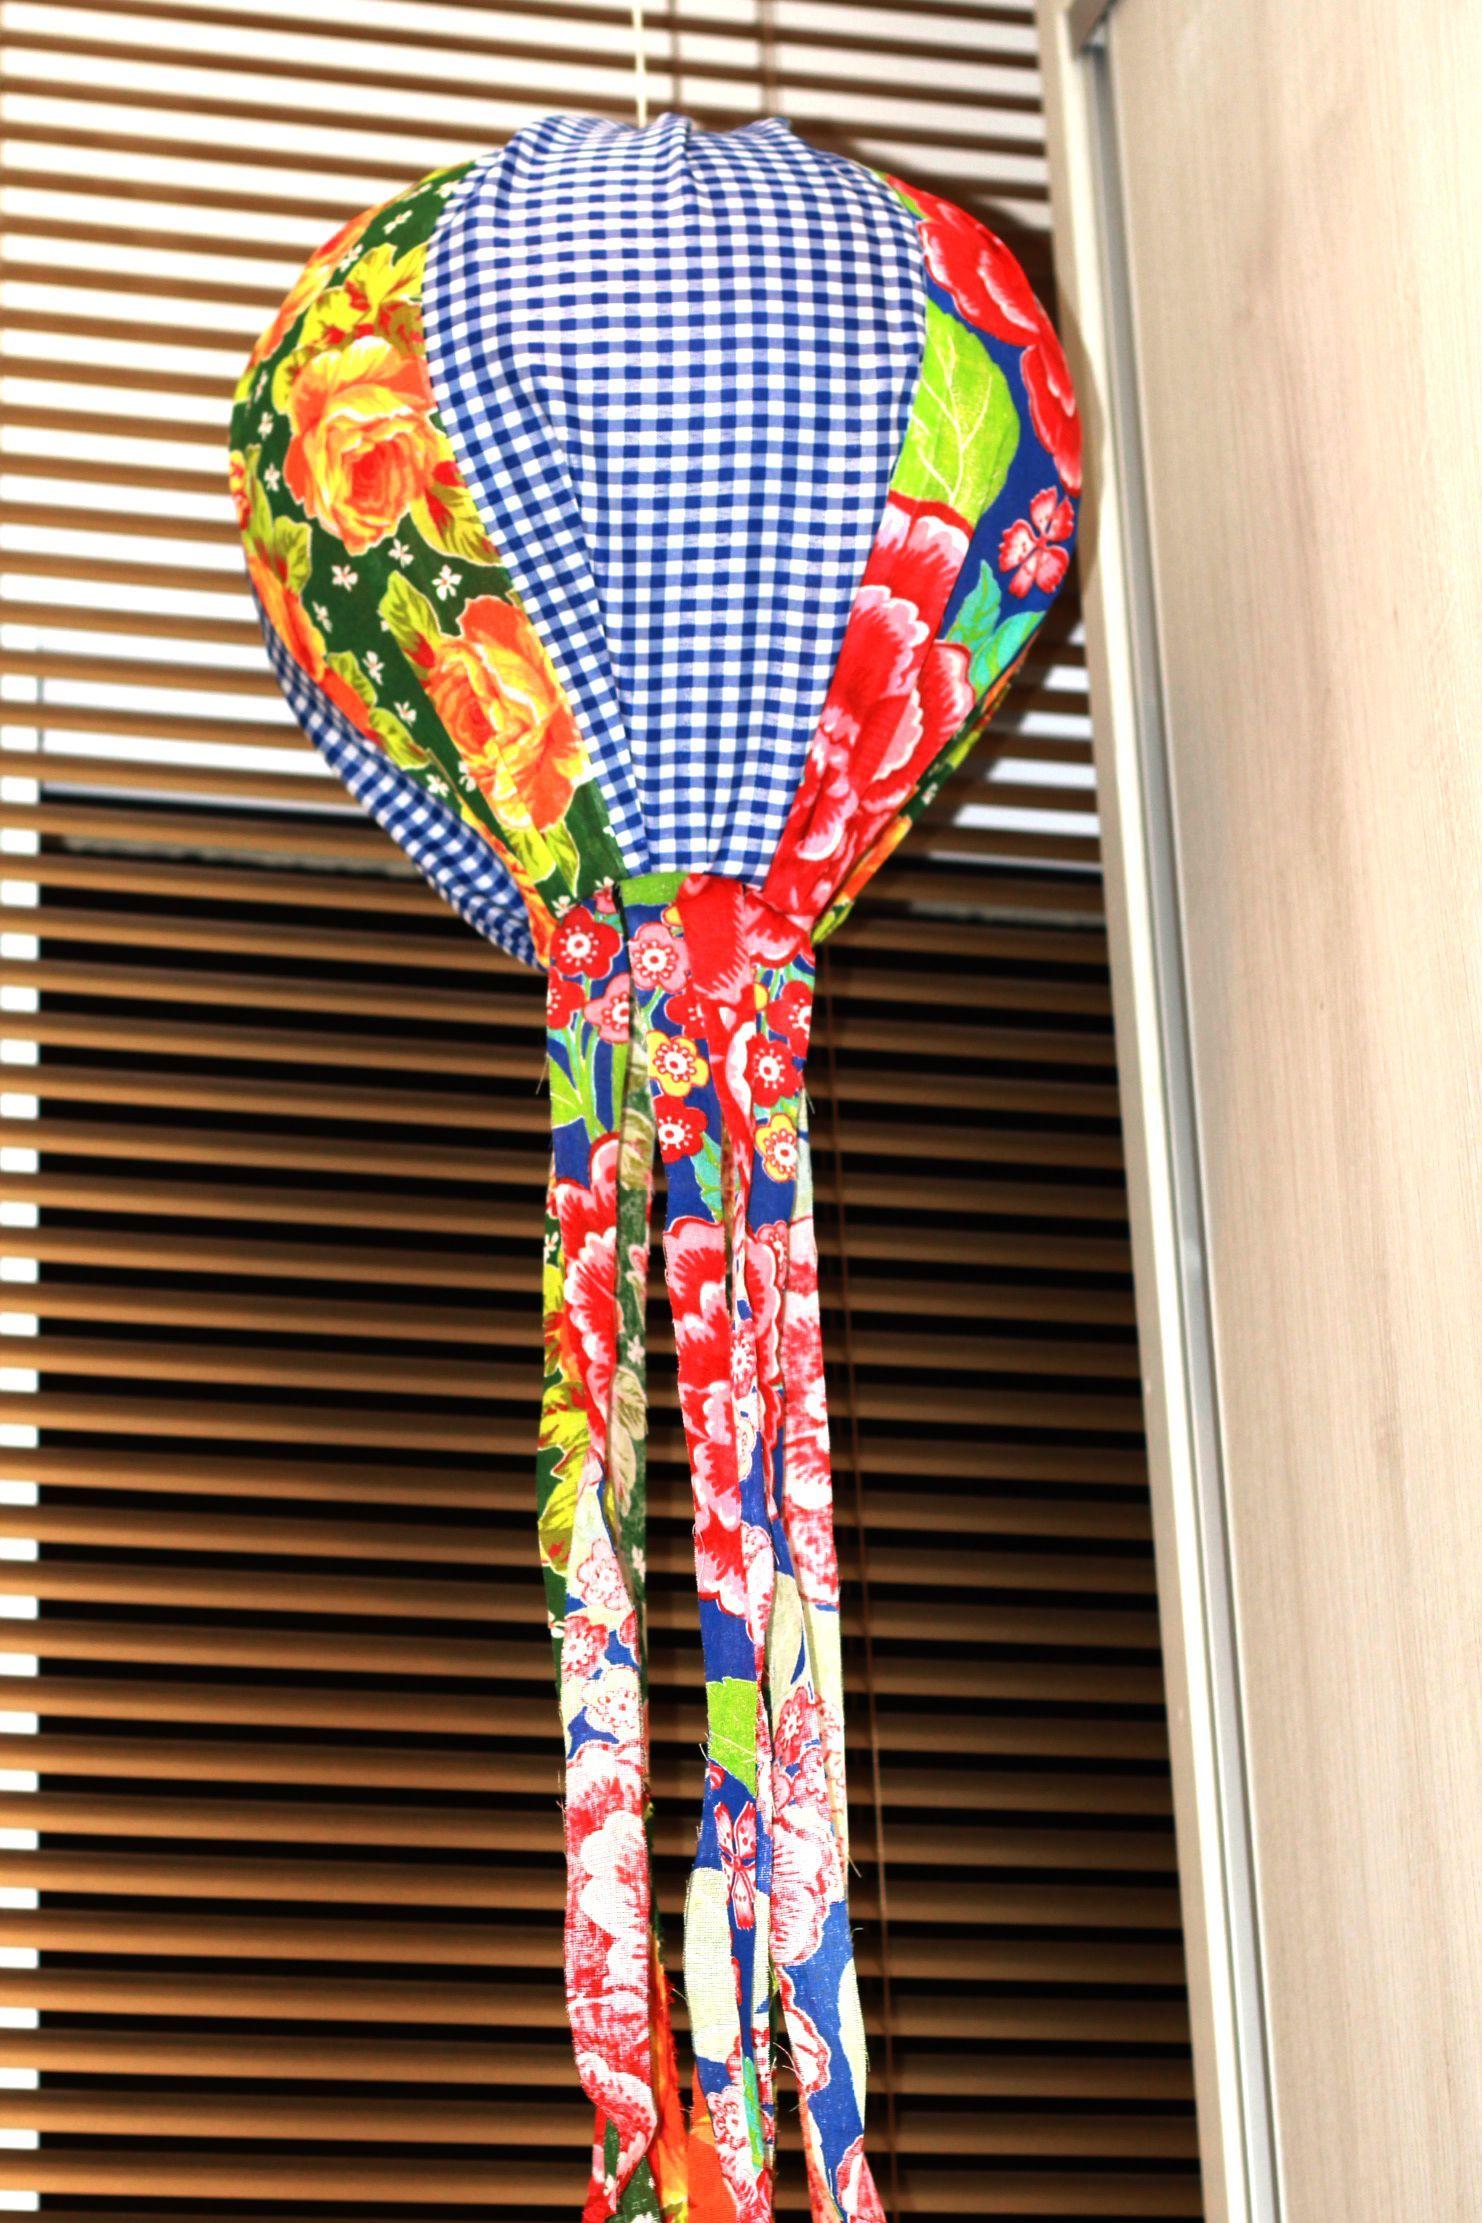 Bal u00e3o de chita e outros retalhos para festa junina Decoraç u00e3o Festa Junina Festa junina  -> Decoração De Balões Festa Junina